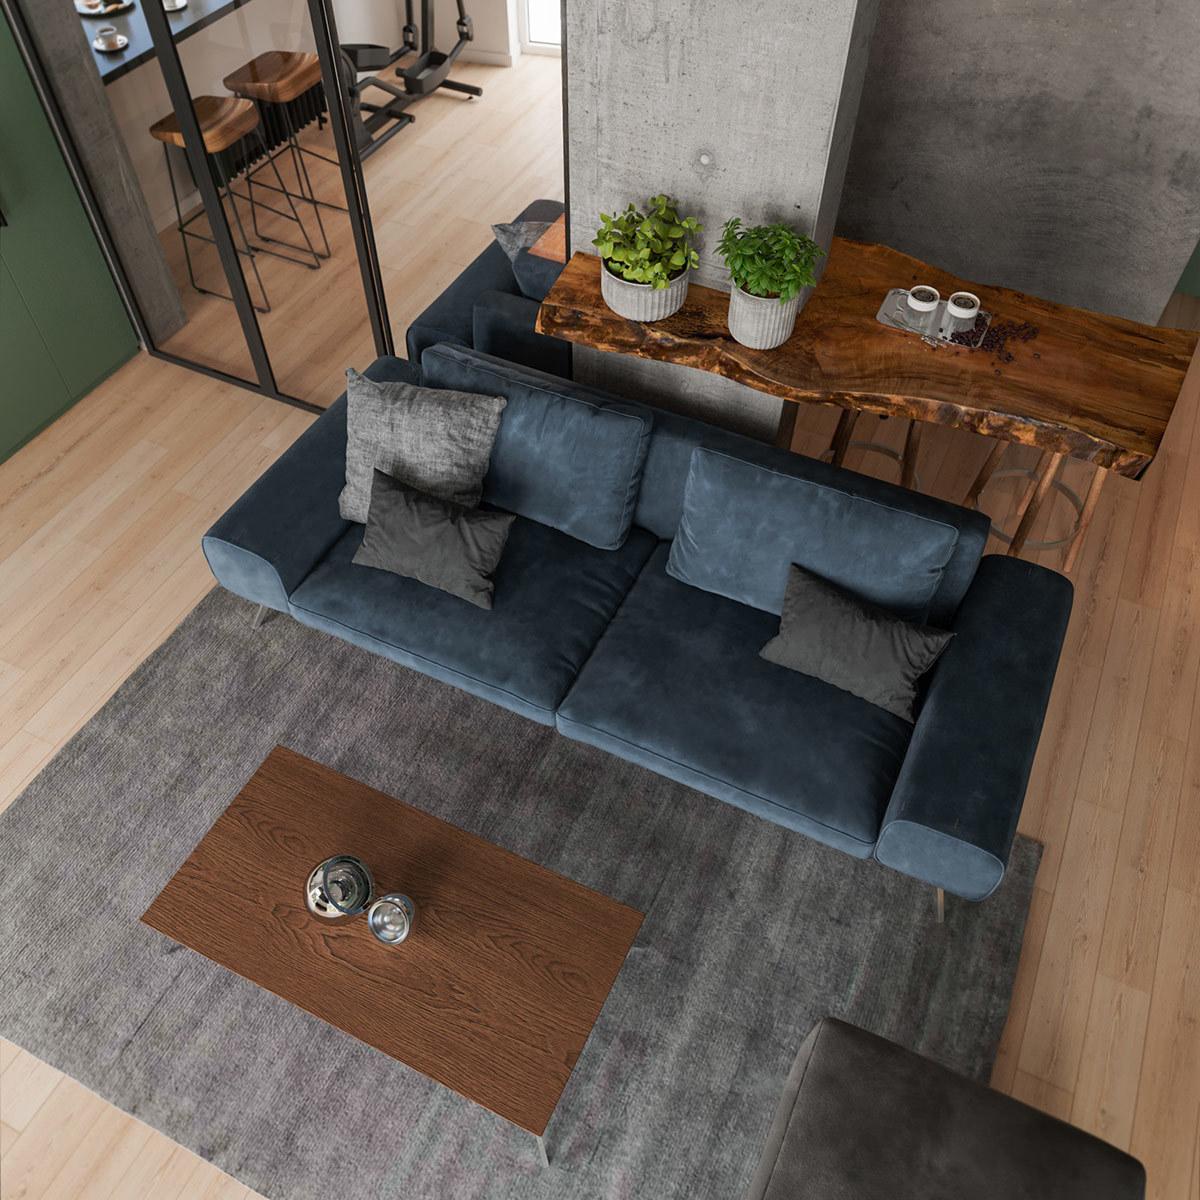 Szürke szőnyeg és egy puff is került a kanapé mellé